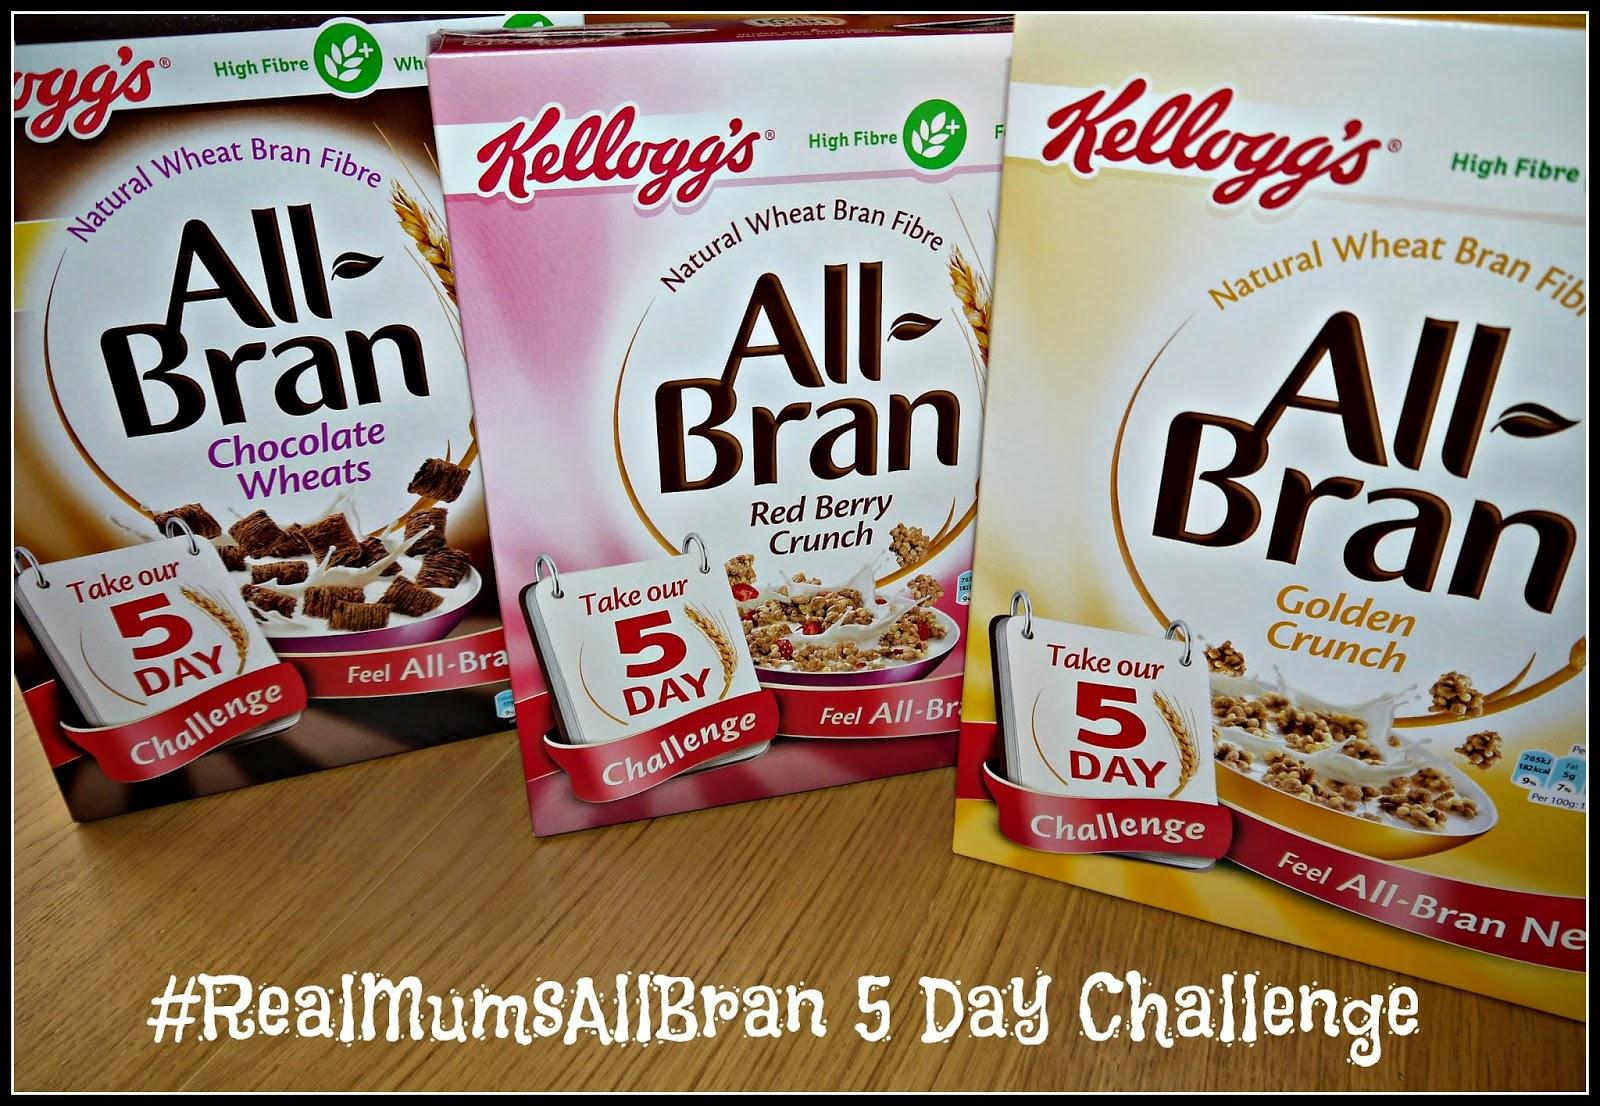 All-Bran, Kelloggs, cereals